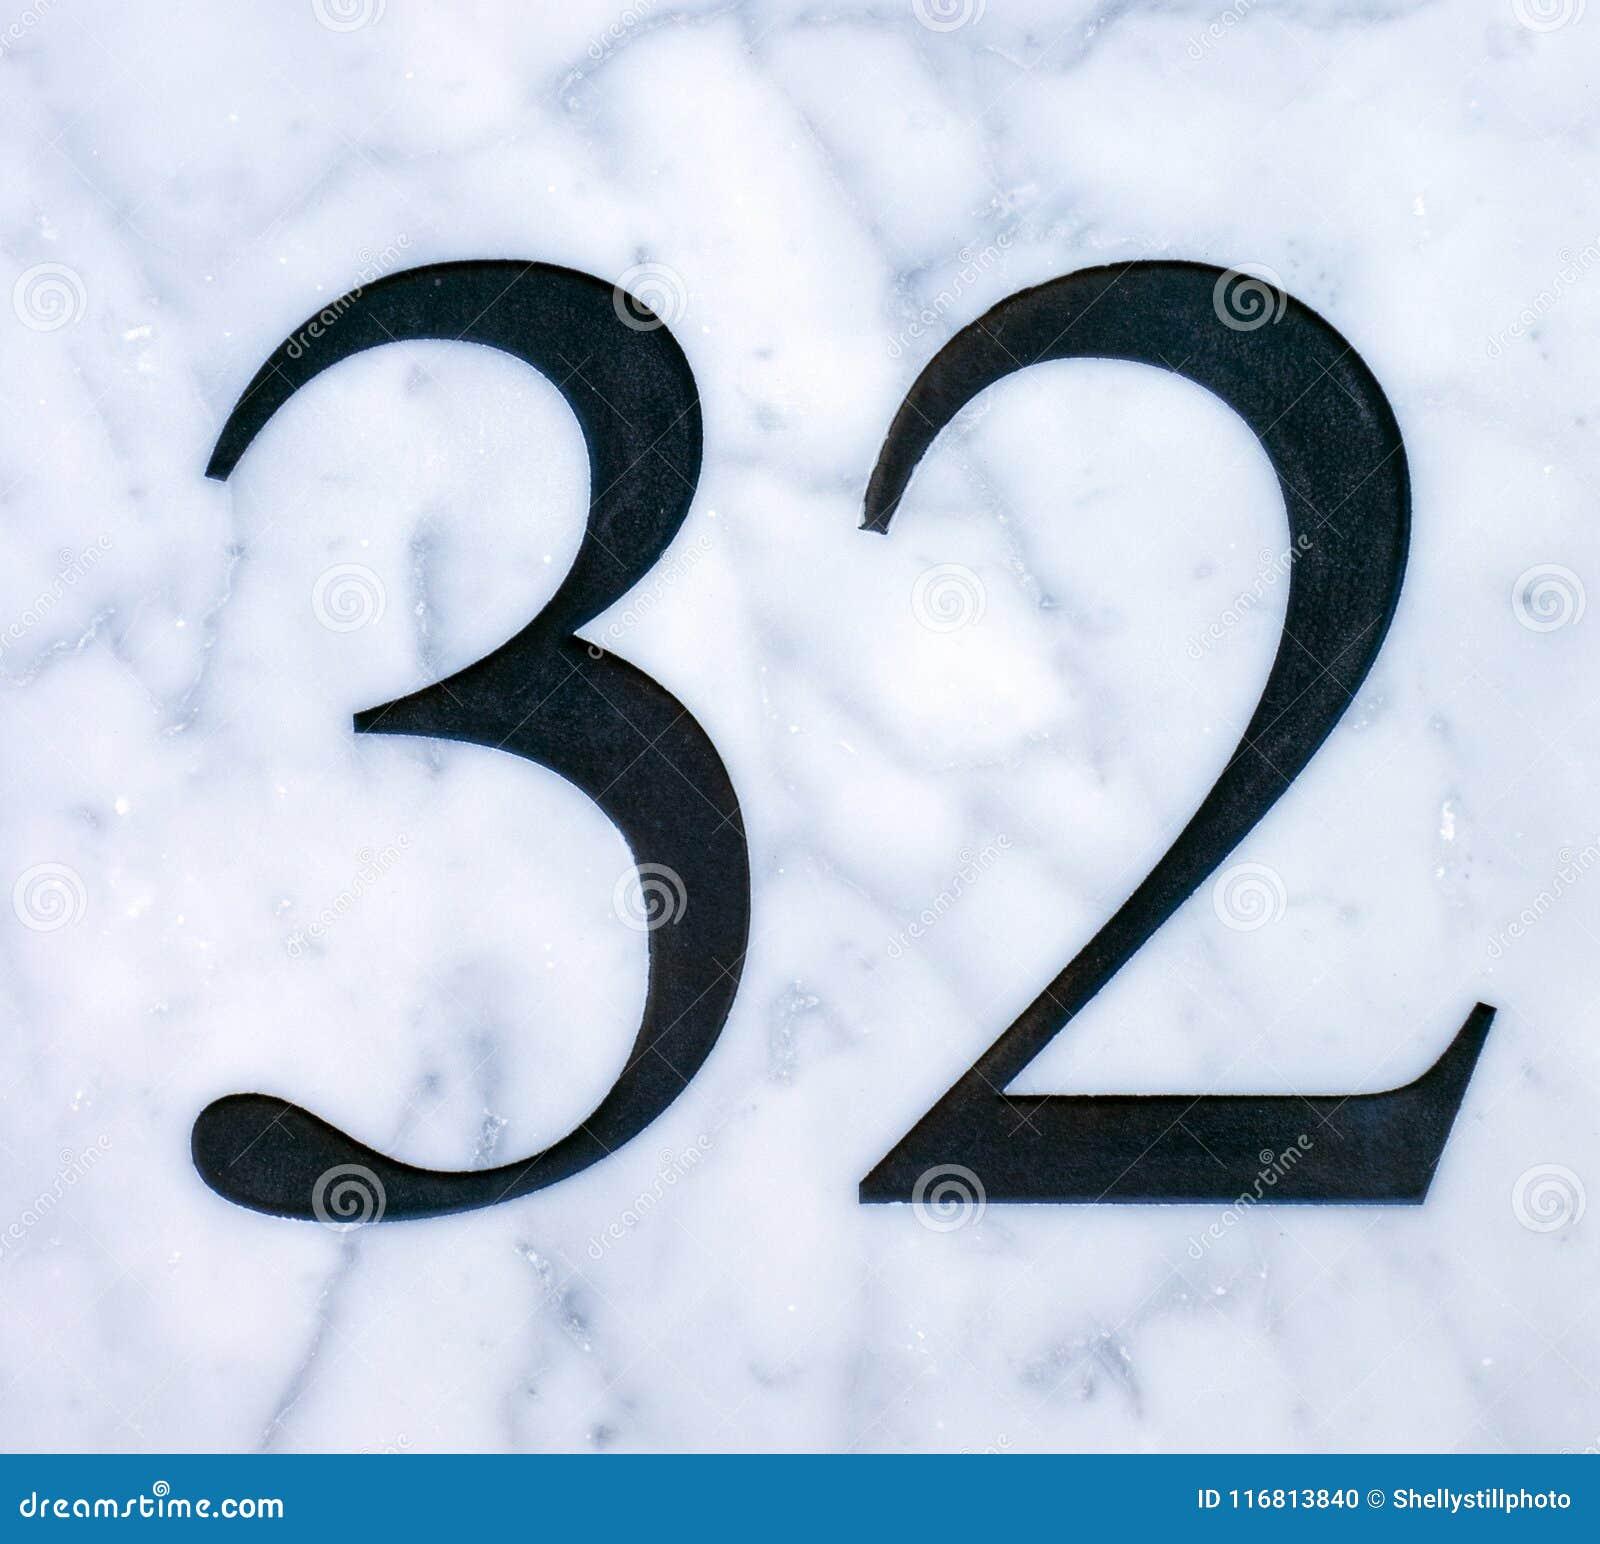 Espressione scritta nello stato afflitto numero trovato tipografia 32 trentadue